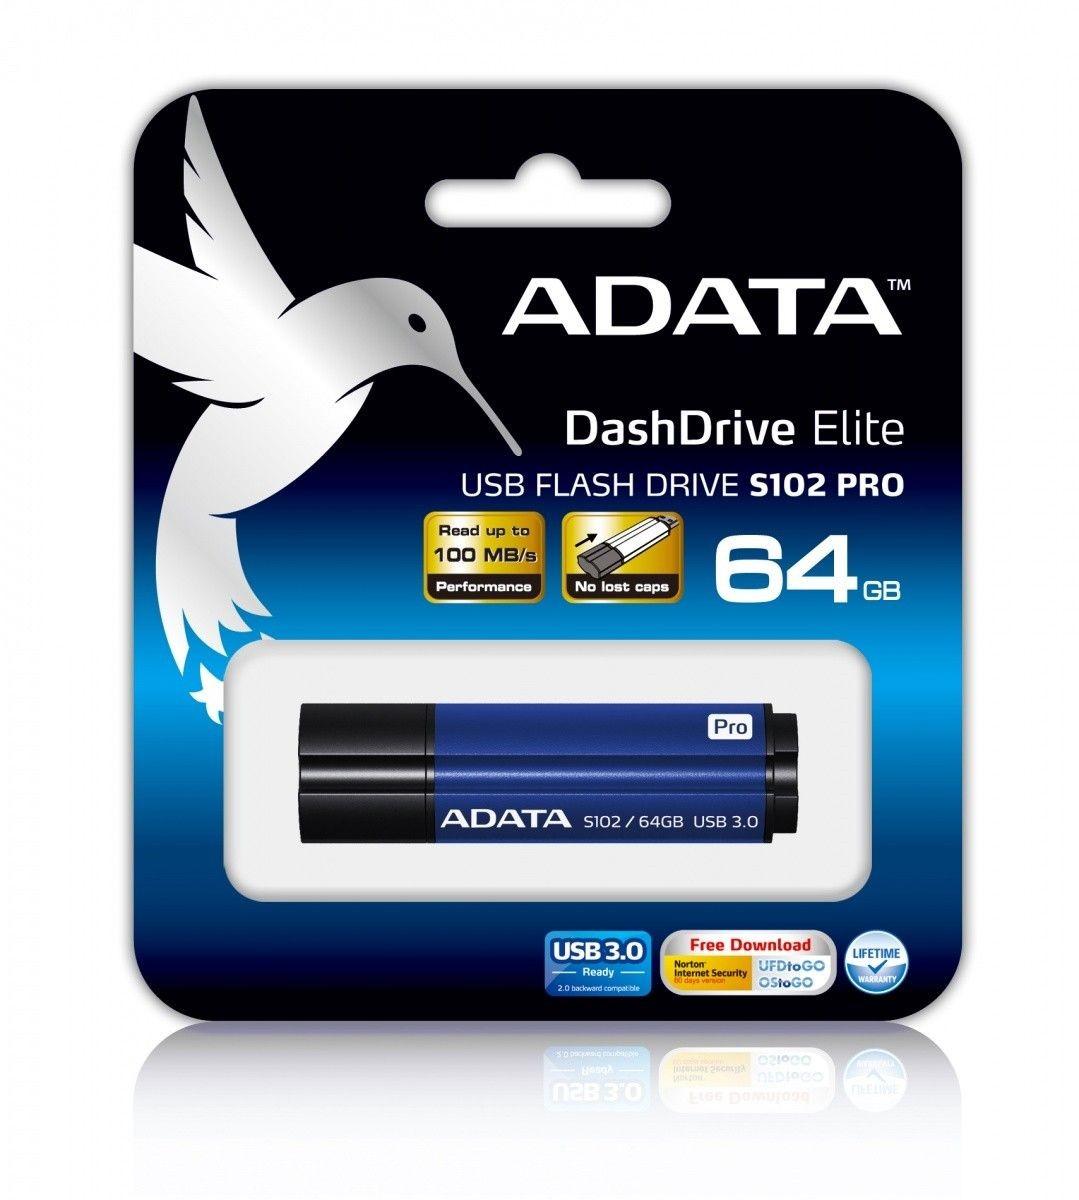 A-Data Adata pamięć USB S102 PRO 64GB USB 3.0 Titanium Niebieski (Zap/Odcz 50/100MB/s )